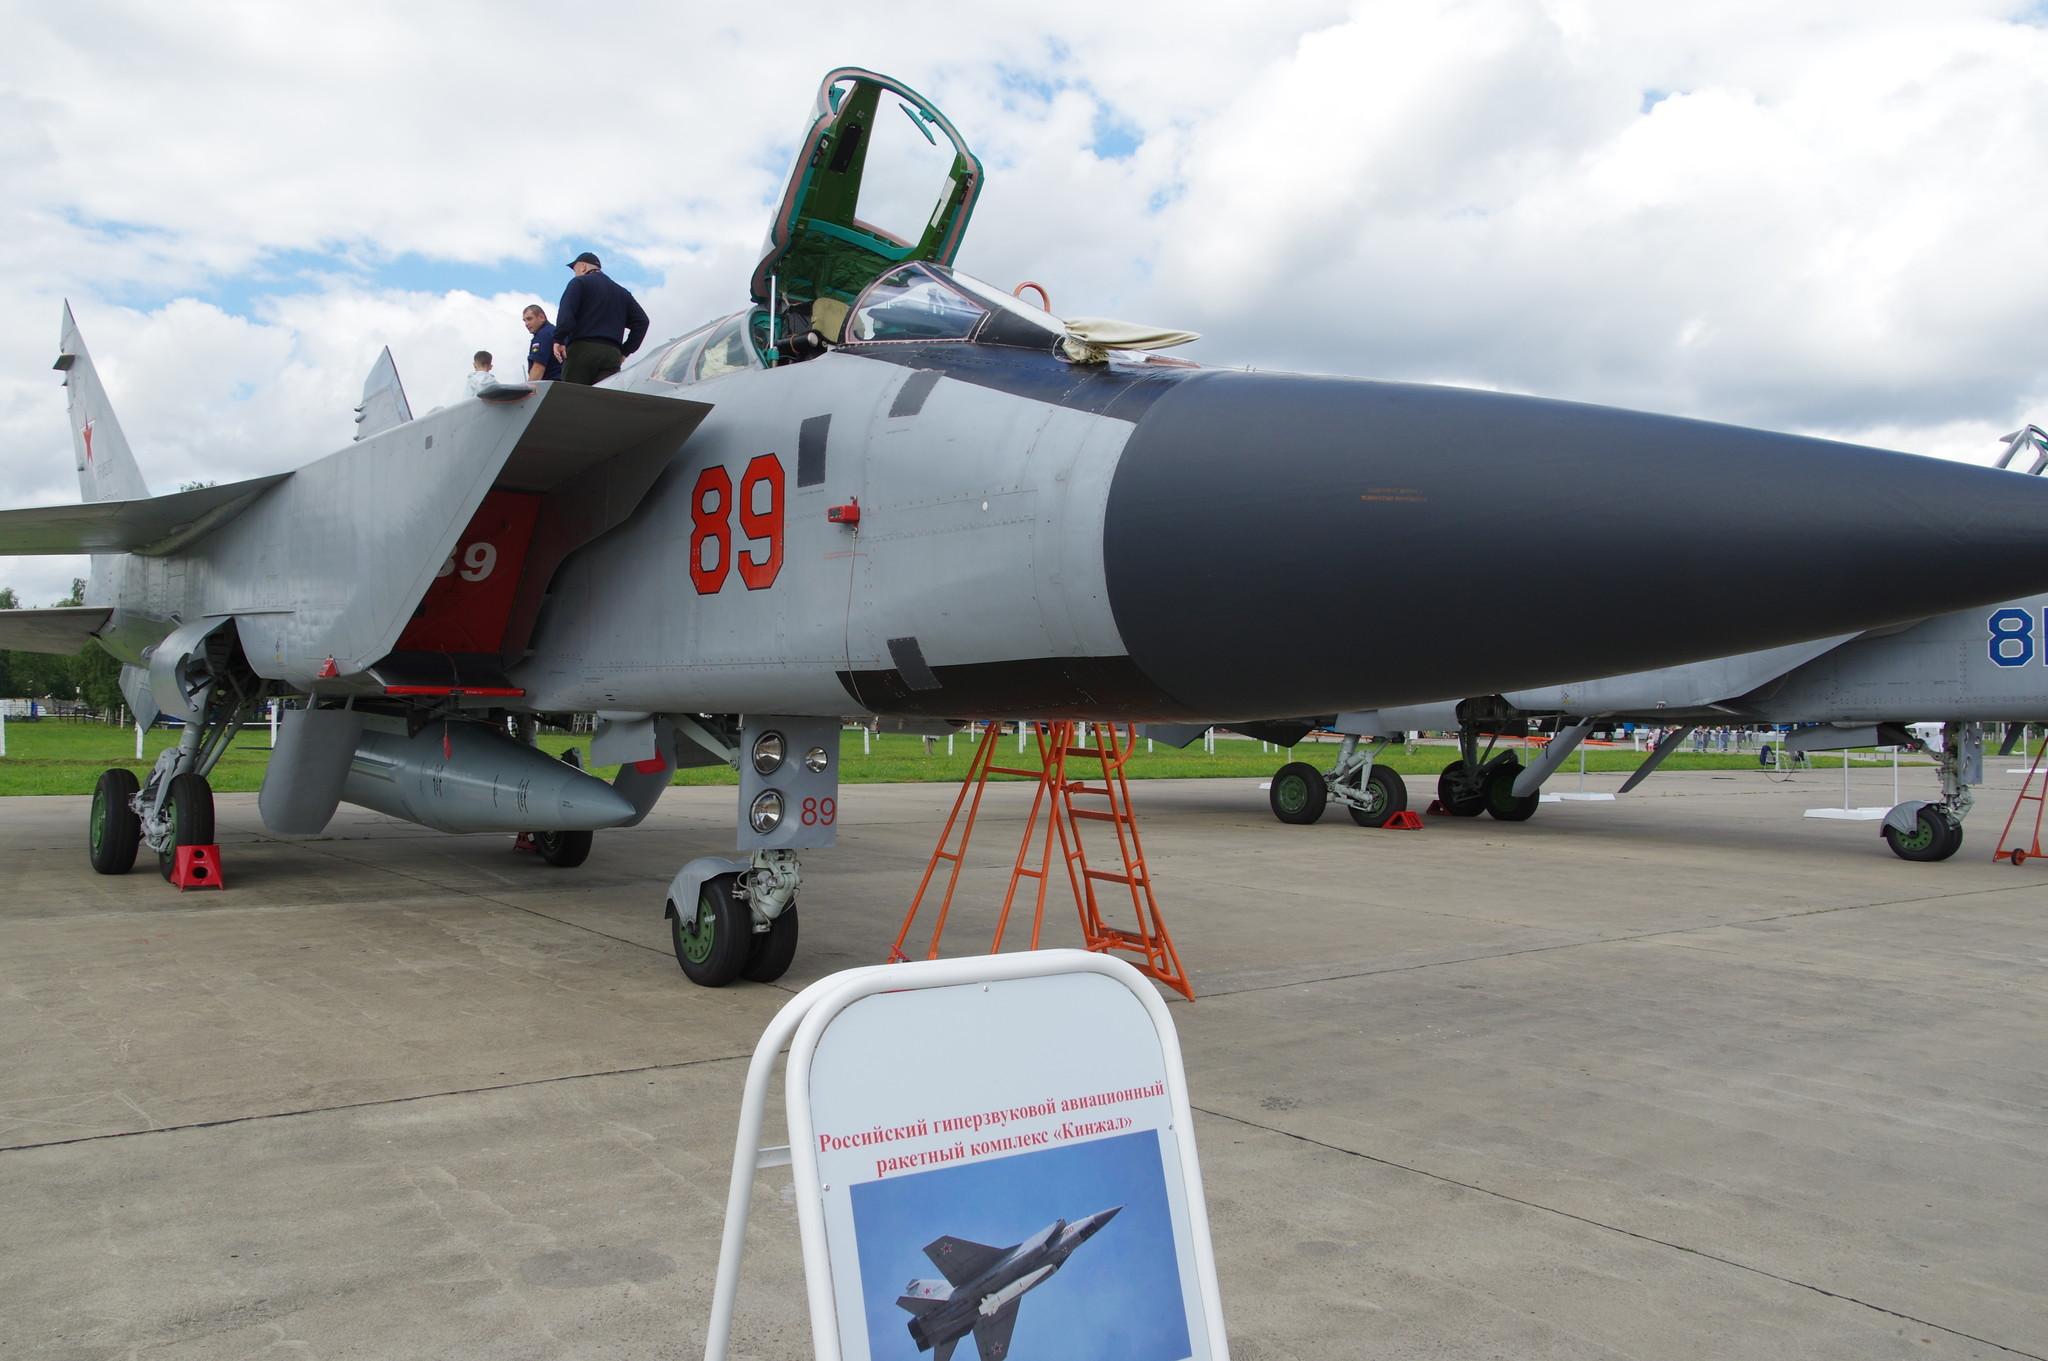 МиГ-31К (бортовой номер «89 красный») с гиперзвуковым авиационным ракетным комплексом «Кинжал»